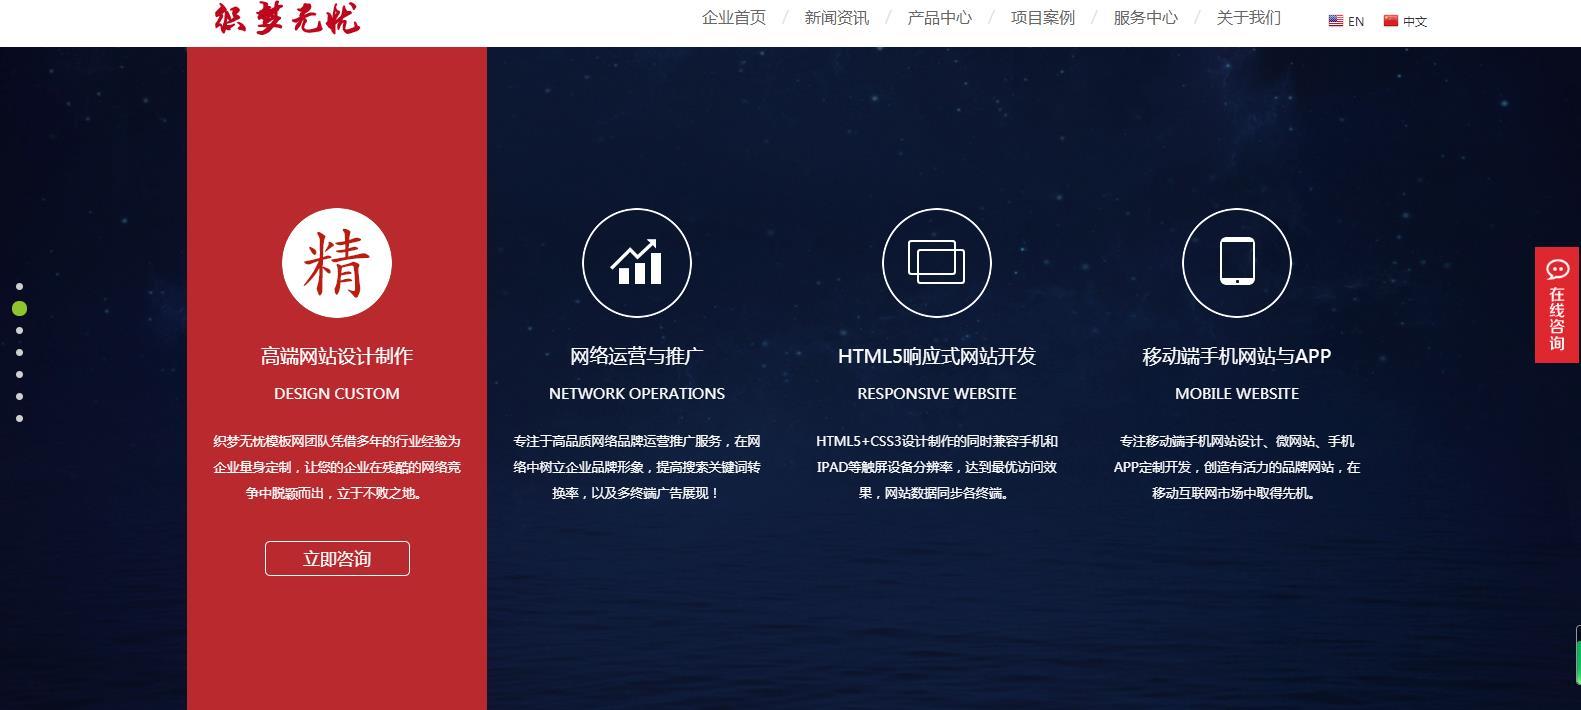 织梦企业站模板中英文双语公司模板下载